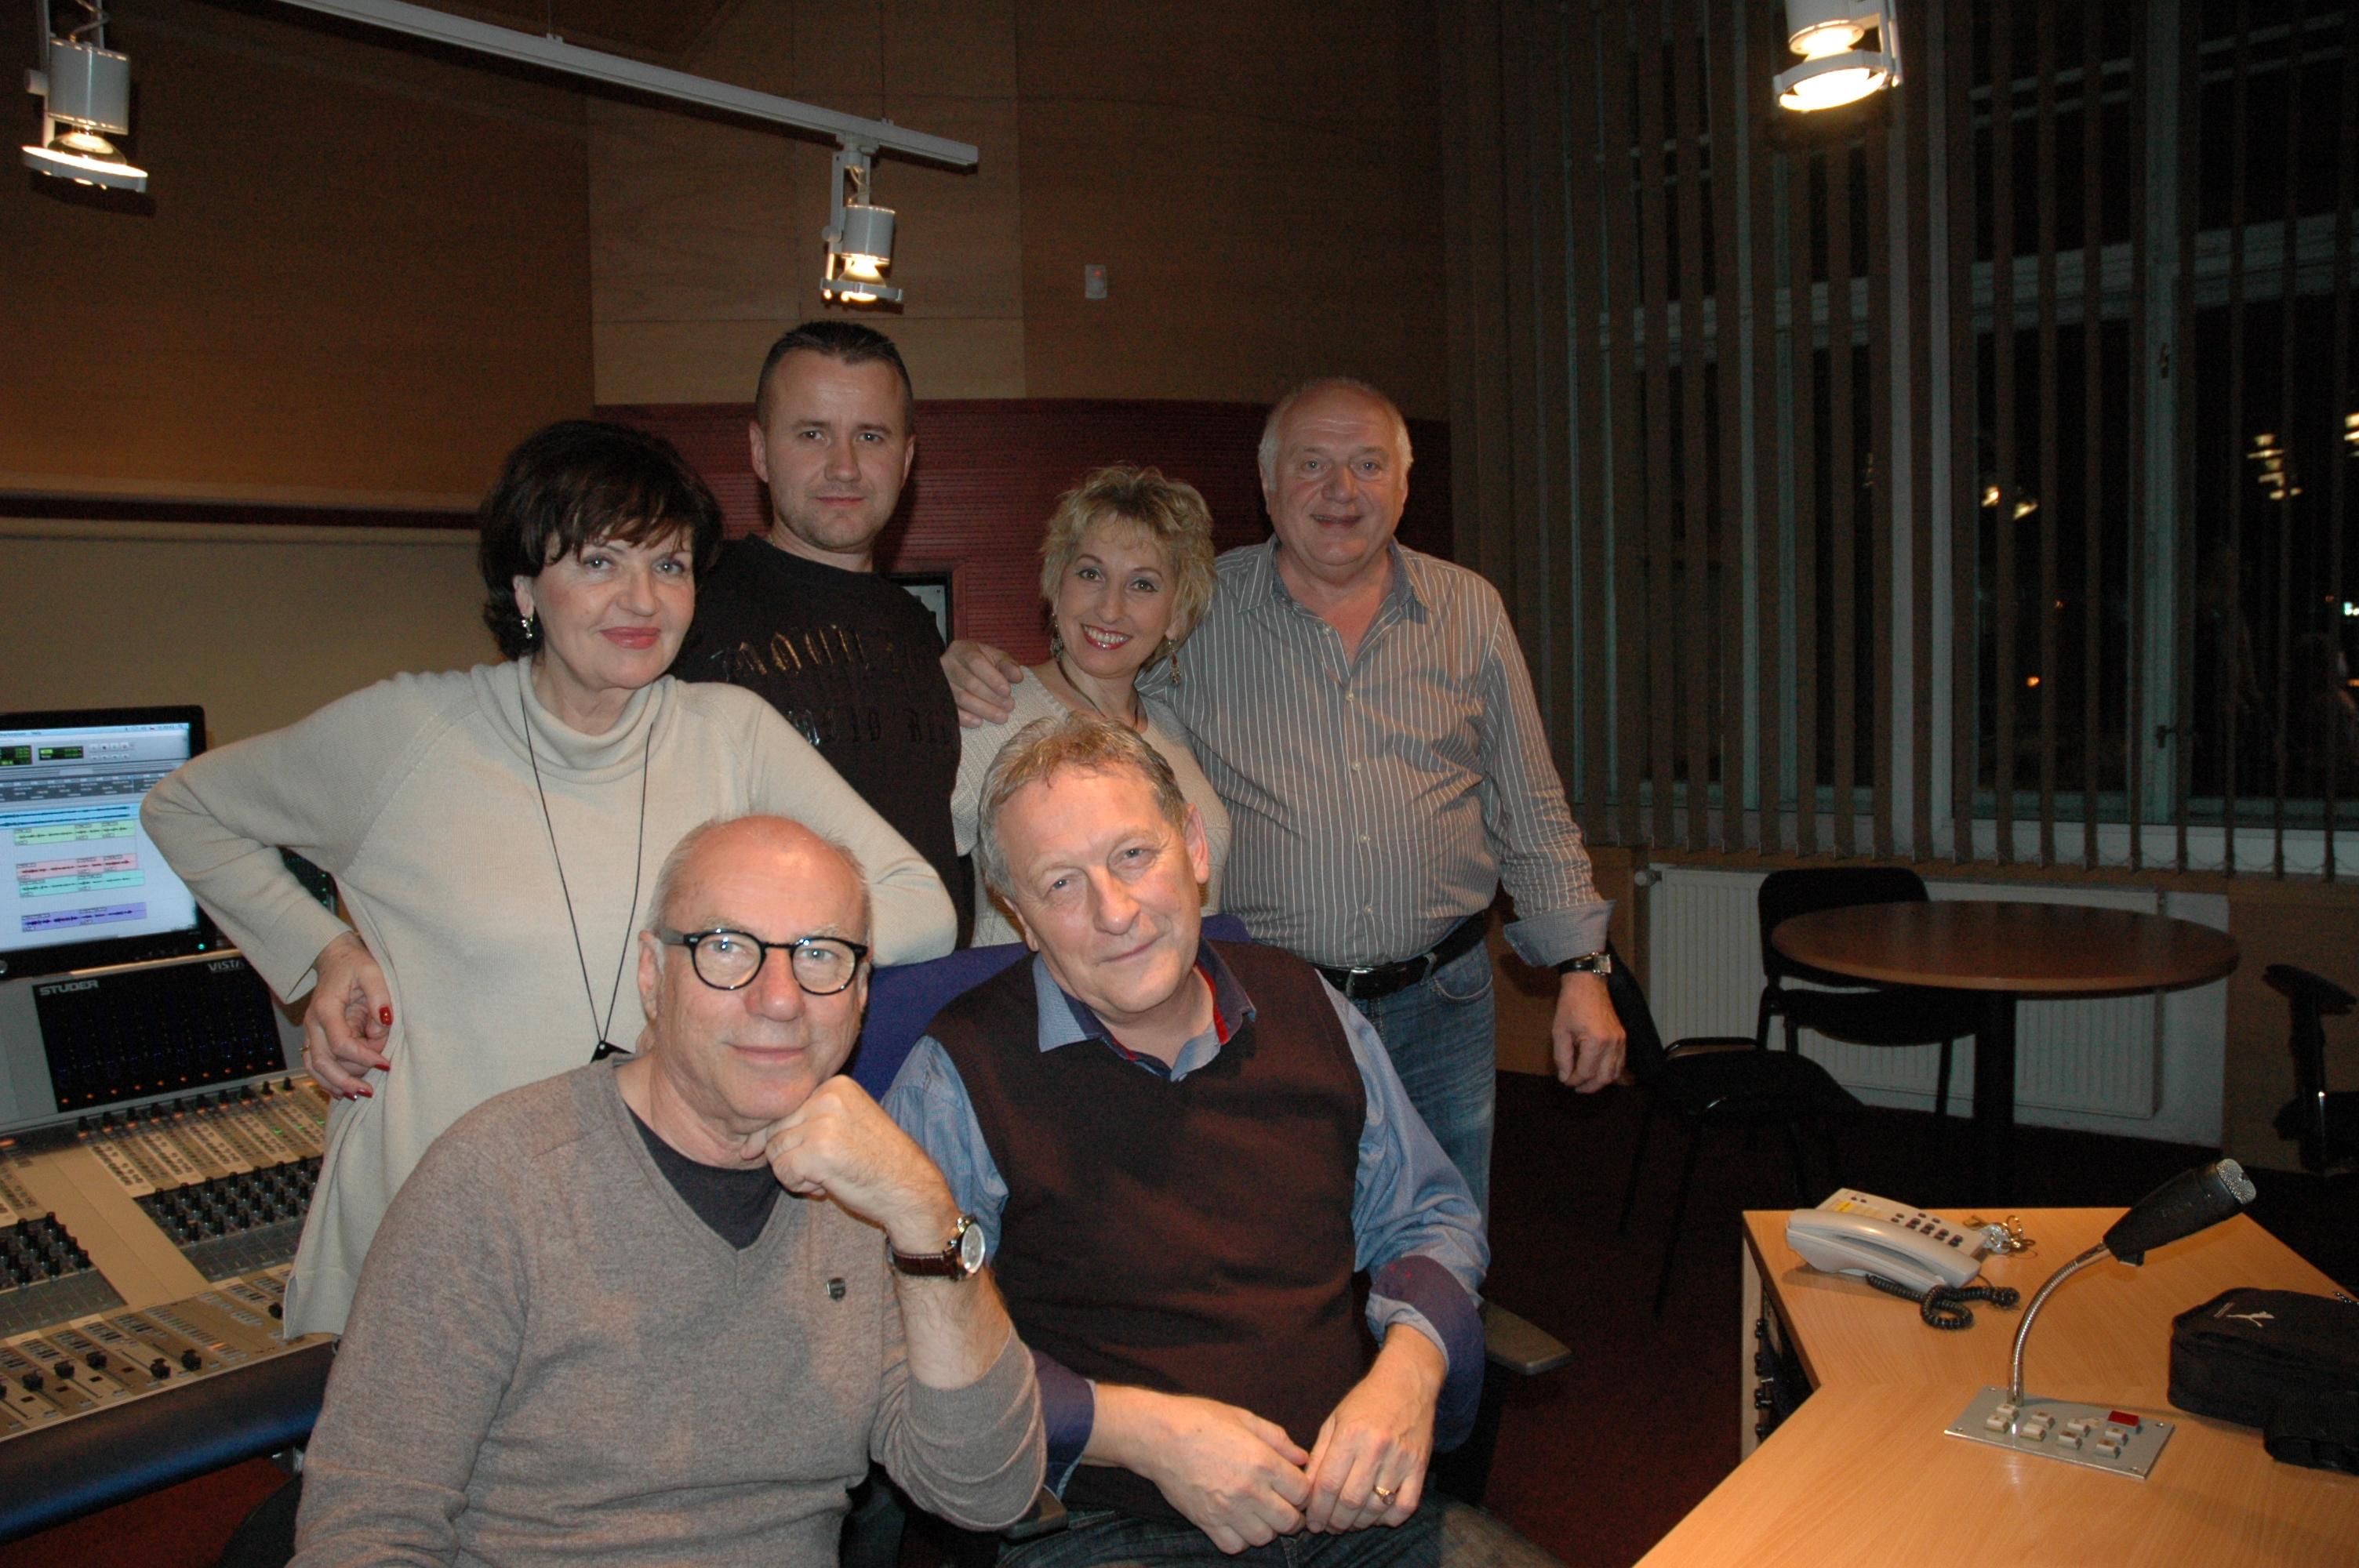 Z natáčení nového CD sedící z leva Gerhard Sulyok, Karel Fisl, stojící Blanka Tůmová, Radek Klusoň. Iva Ročková a Ladislav Kubeš